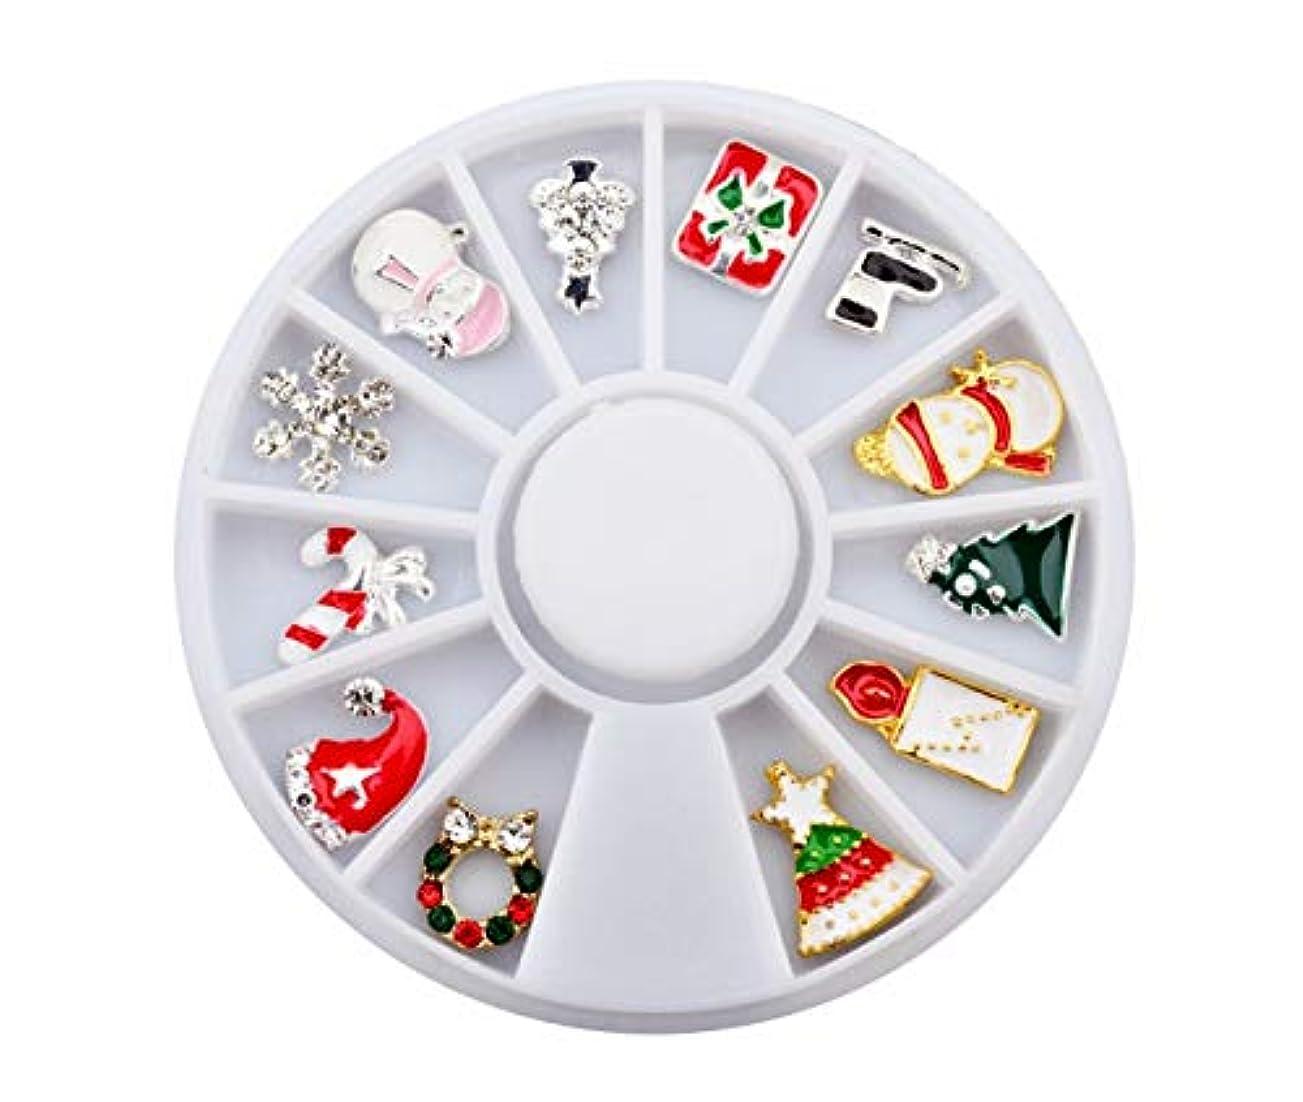 一族戻る潜在的なTianmey クリスマスフェイク釘金属の3DダイヤモンドDIYネイルアートクリスマスの装飾ホリデー付け爪グリッターラインストーンネイル用品ジュエリー